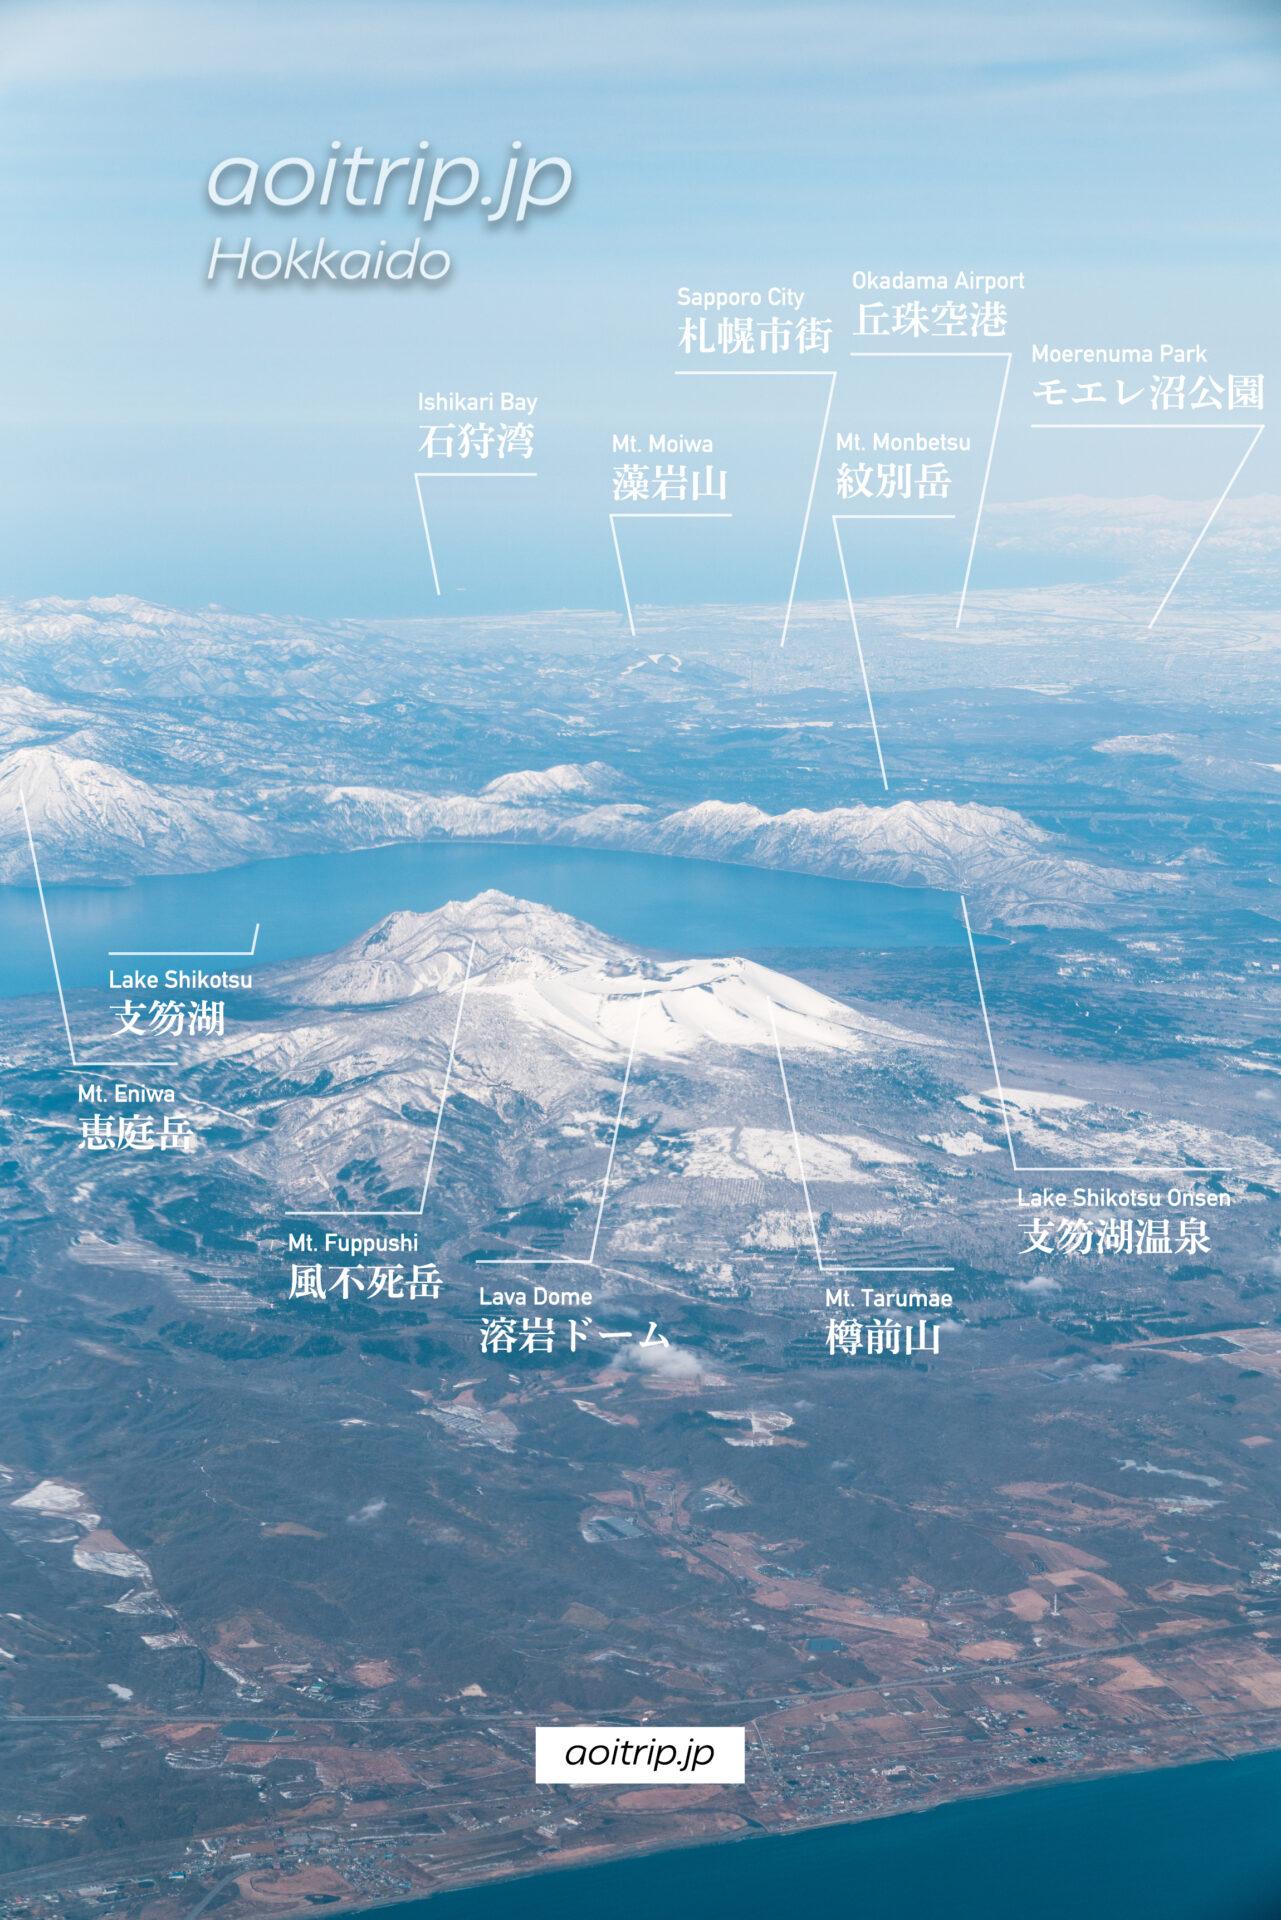 北海道の航空写真 飛行機の窓から 3月 支笏洞爺国立公園の眺望 支笏湖越しに札幌の街